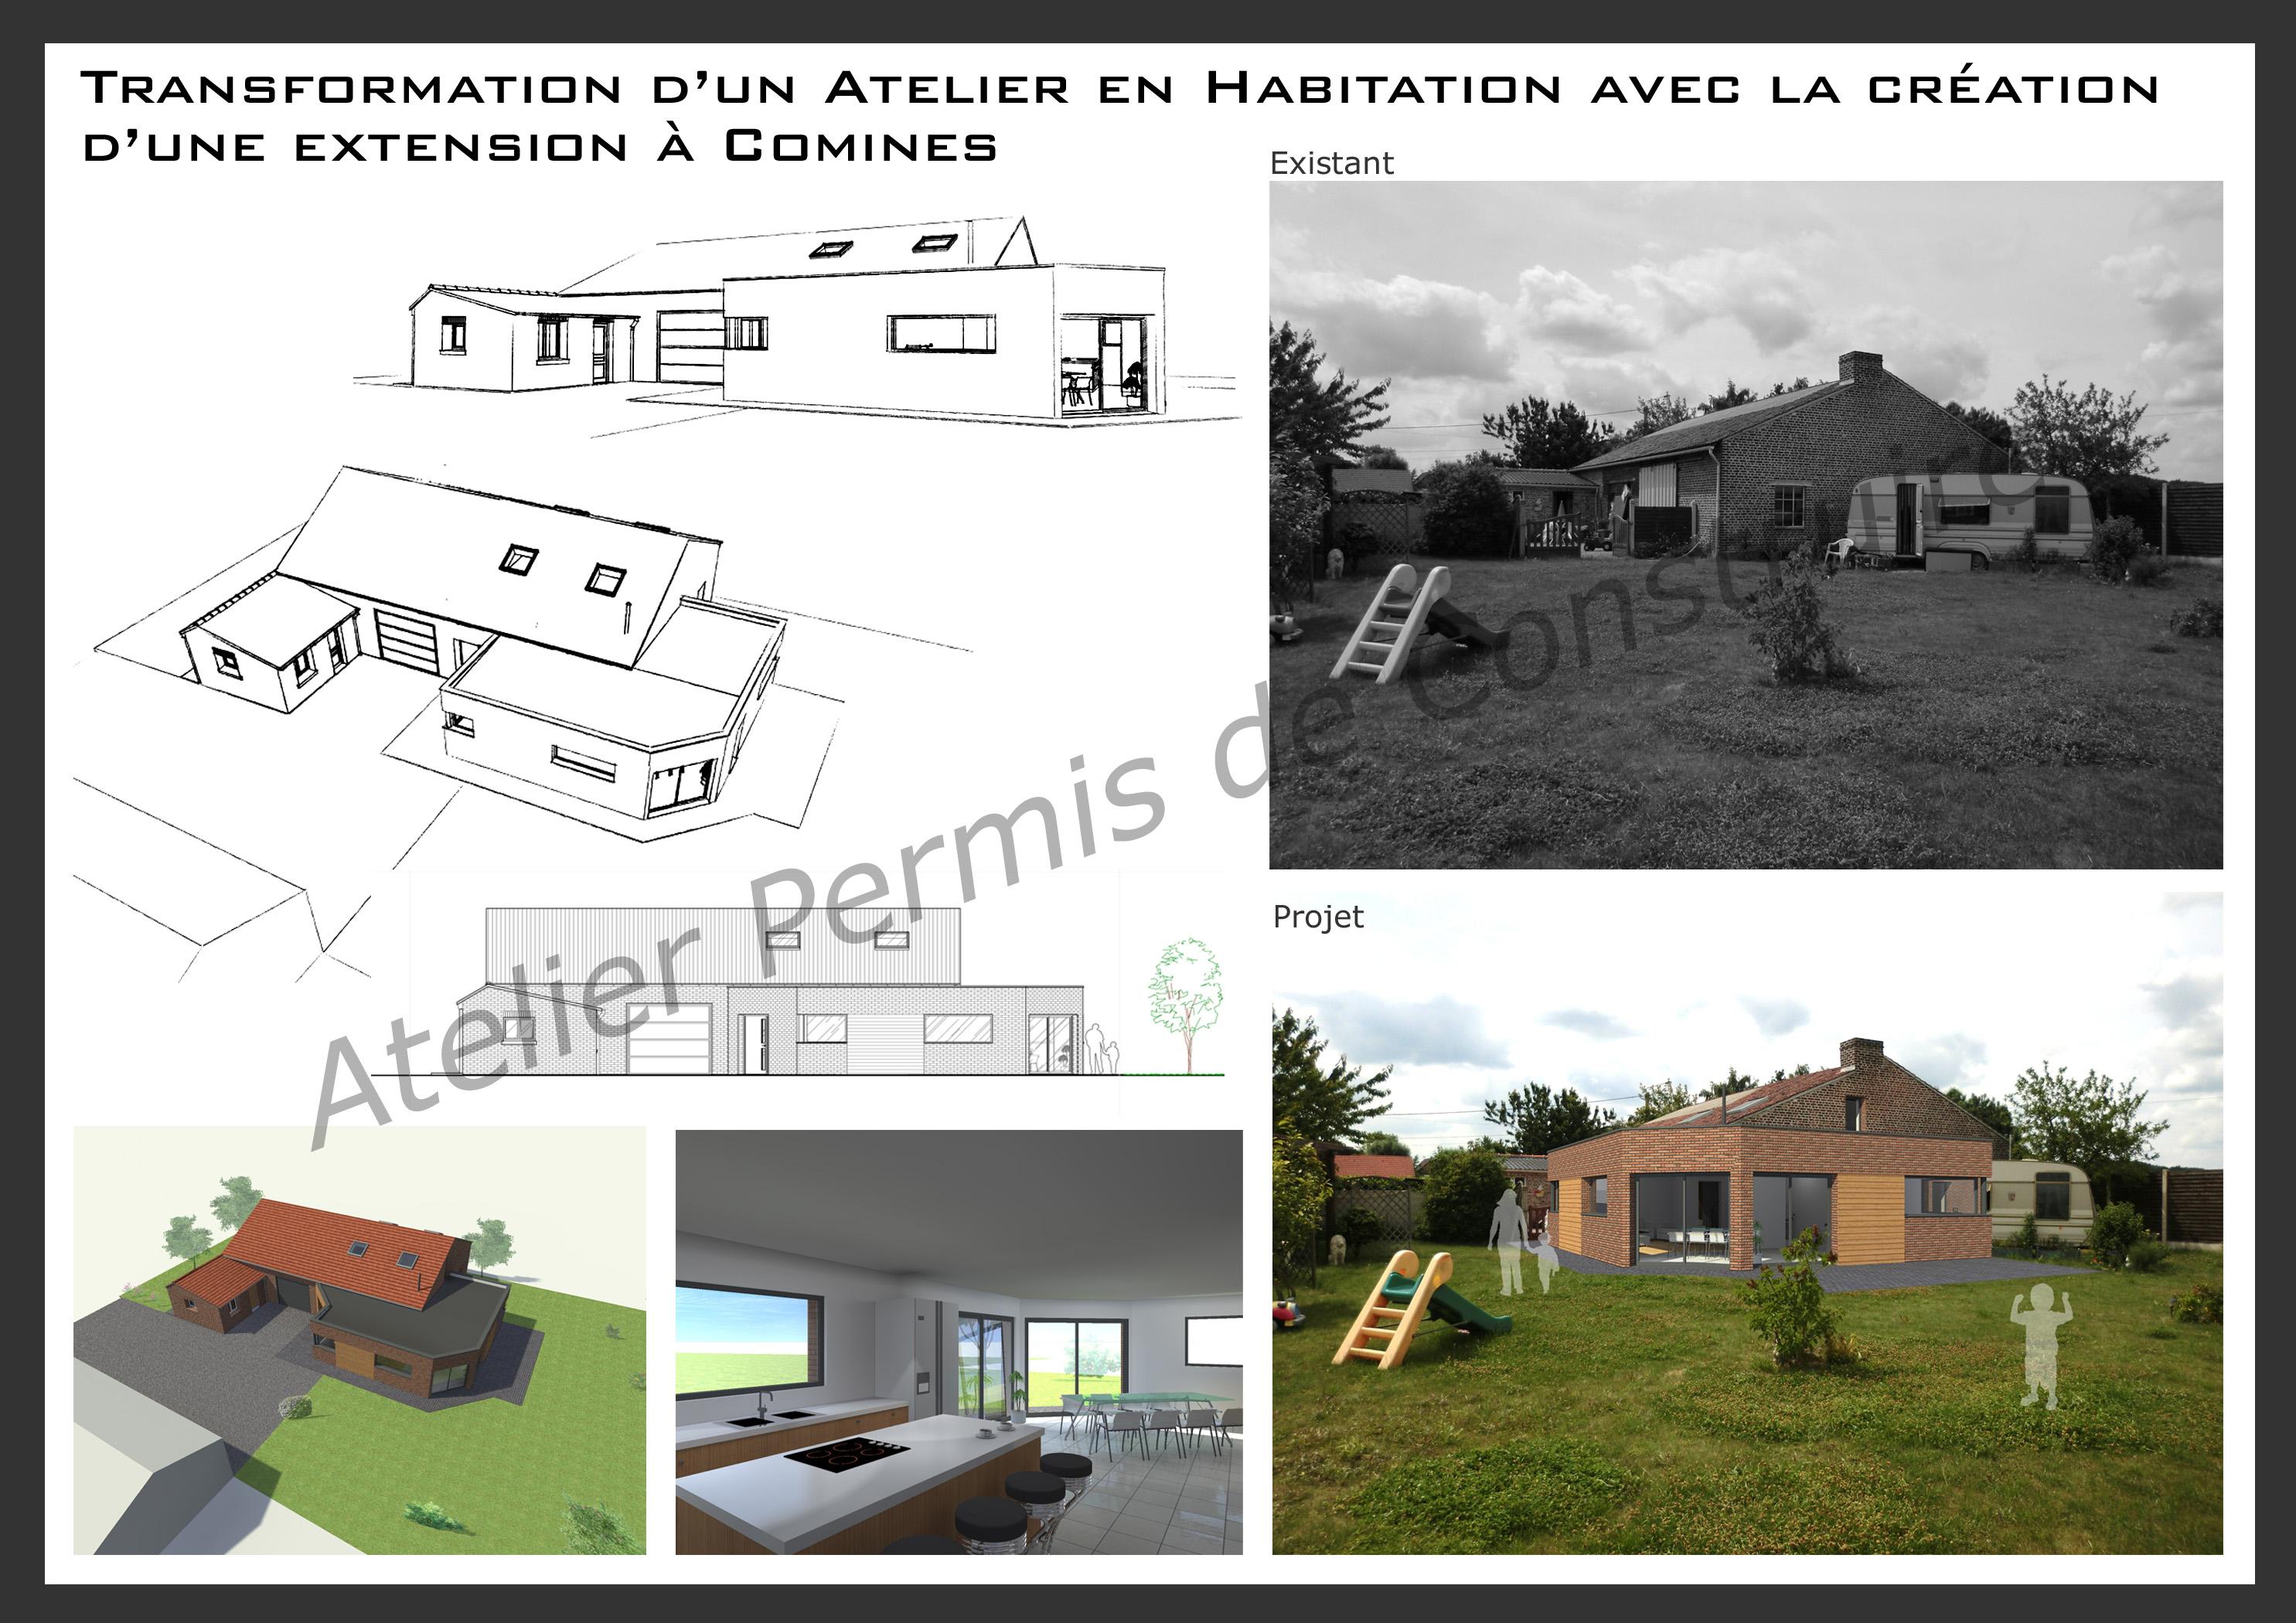 Transformation d 39 un atelier en habitation avec la cr ation - Transformation grange en habitation permis de construire ...